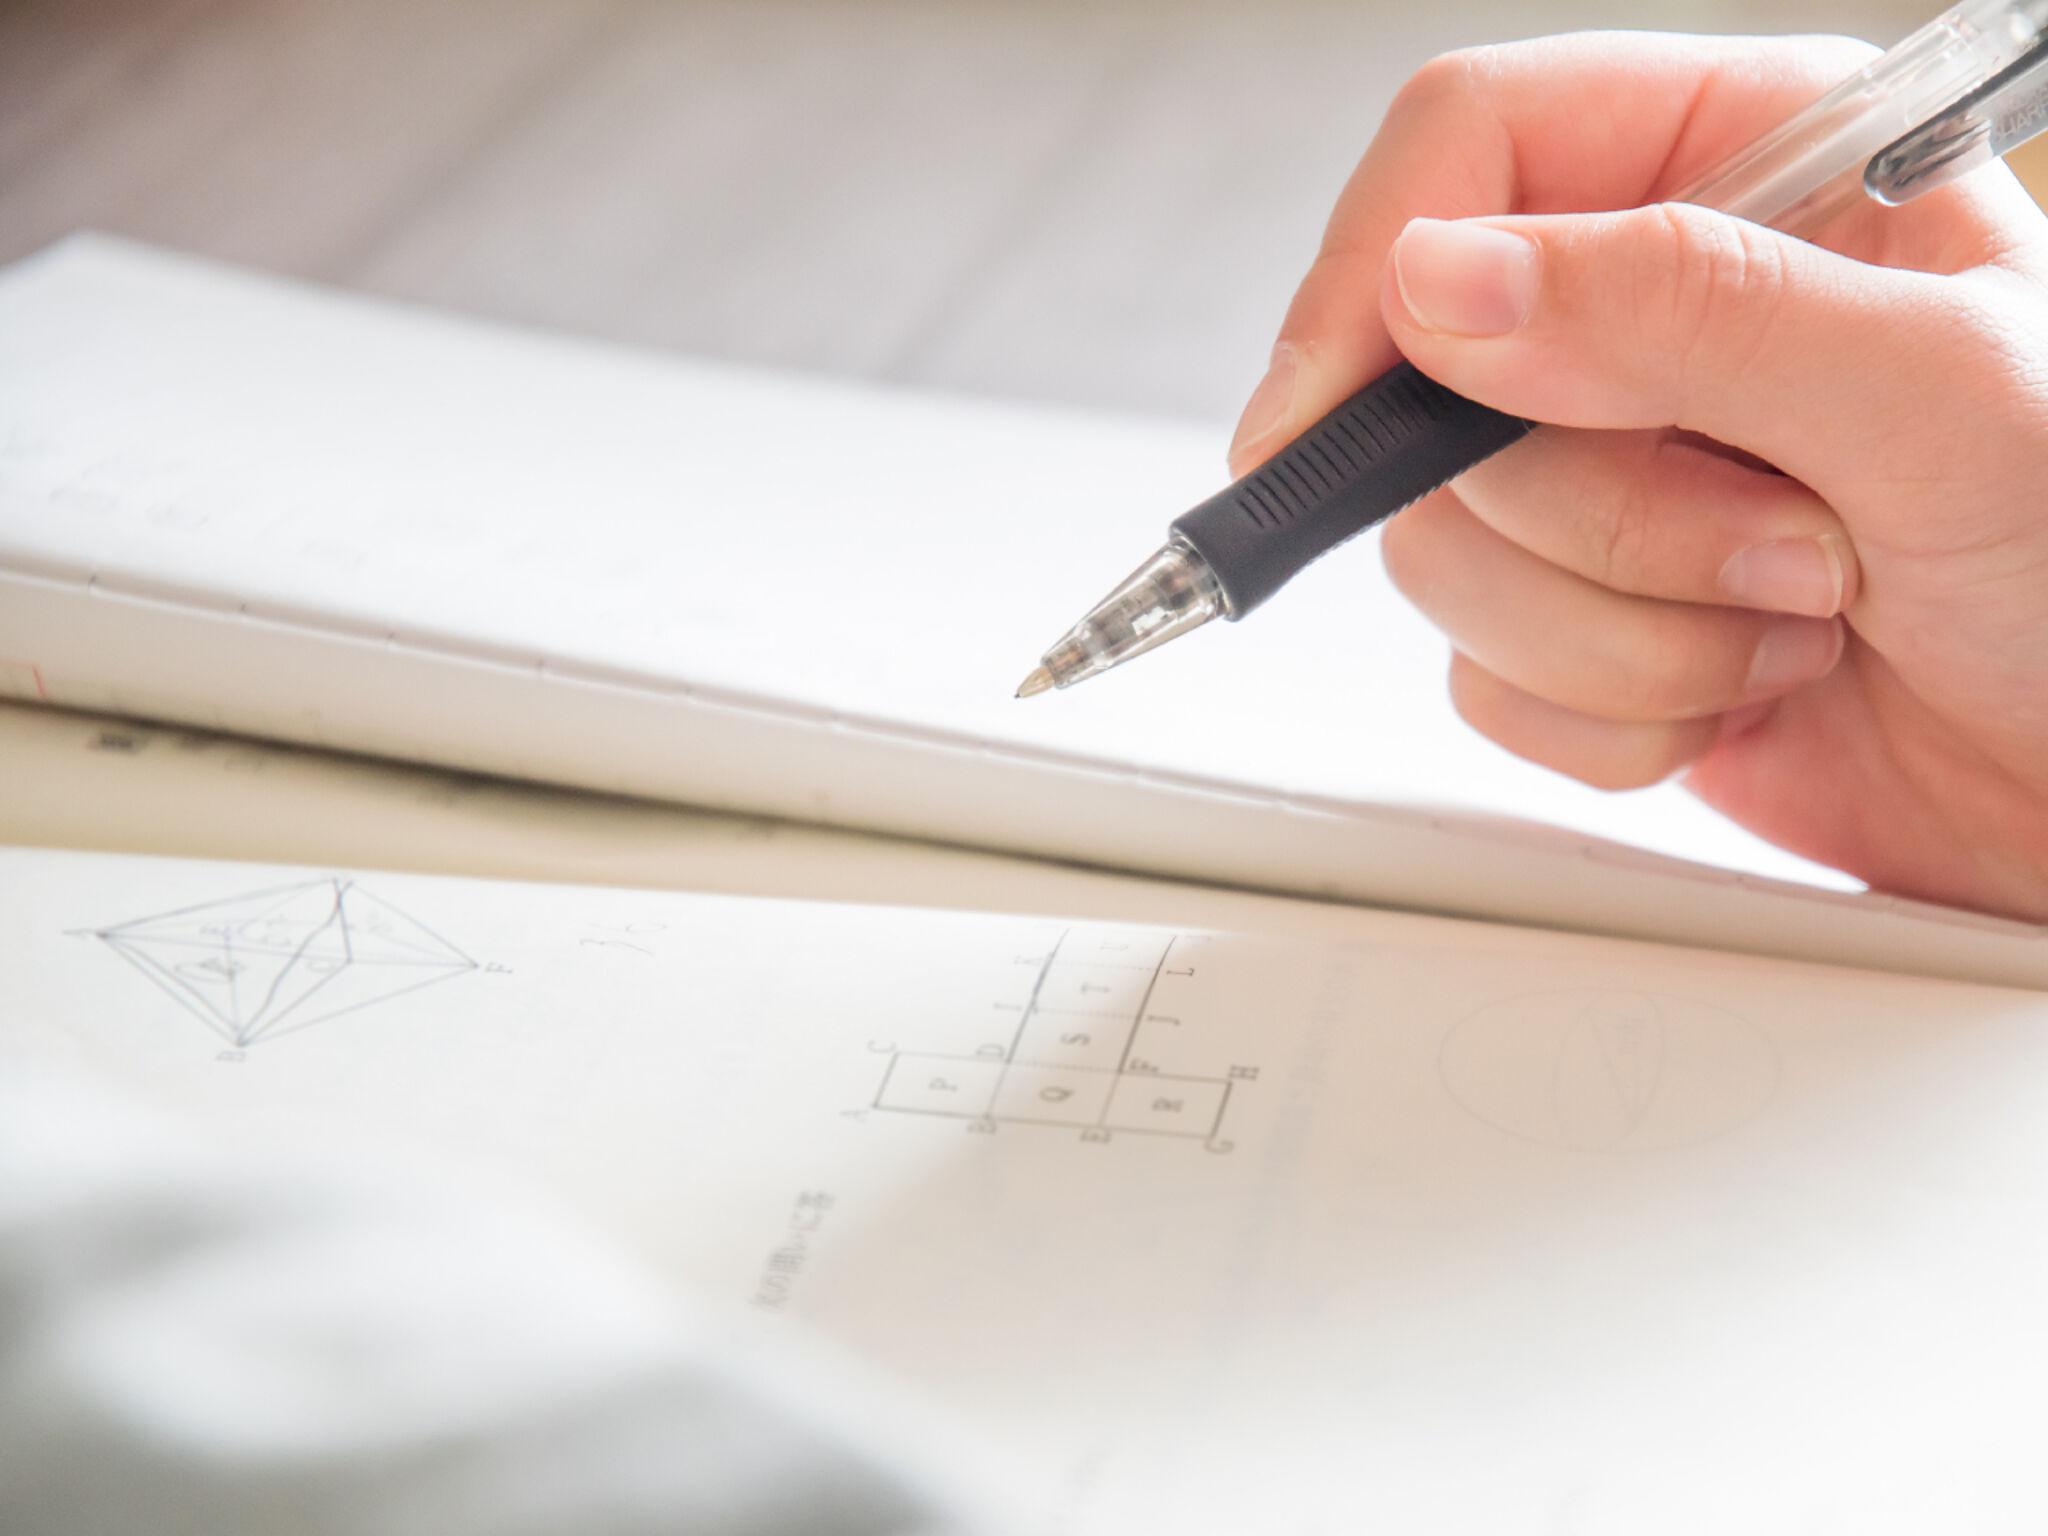 ノートをとっている人の手元の画像